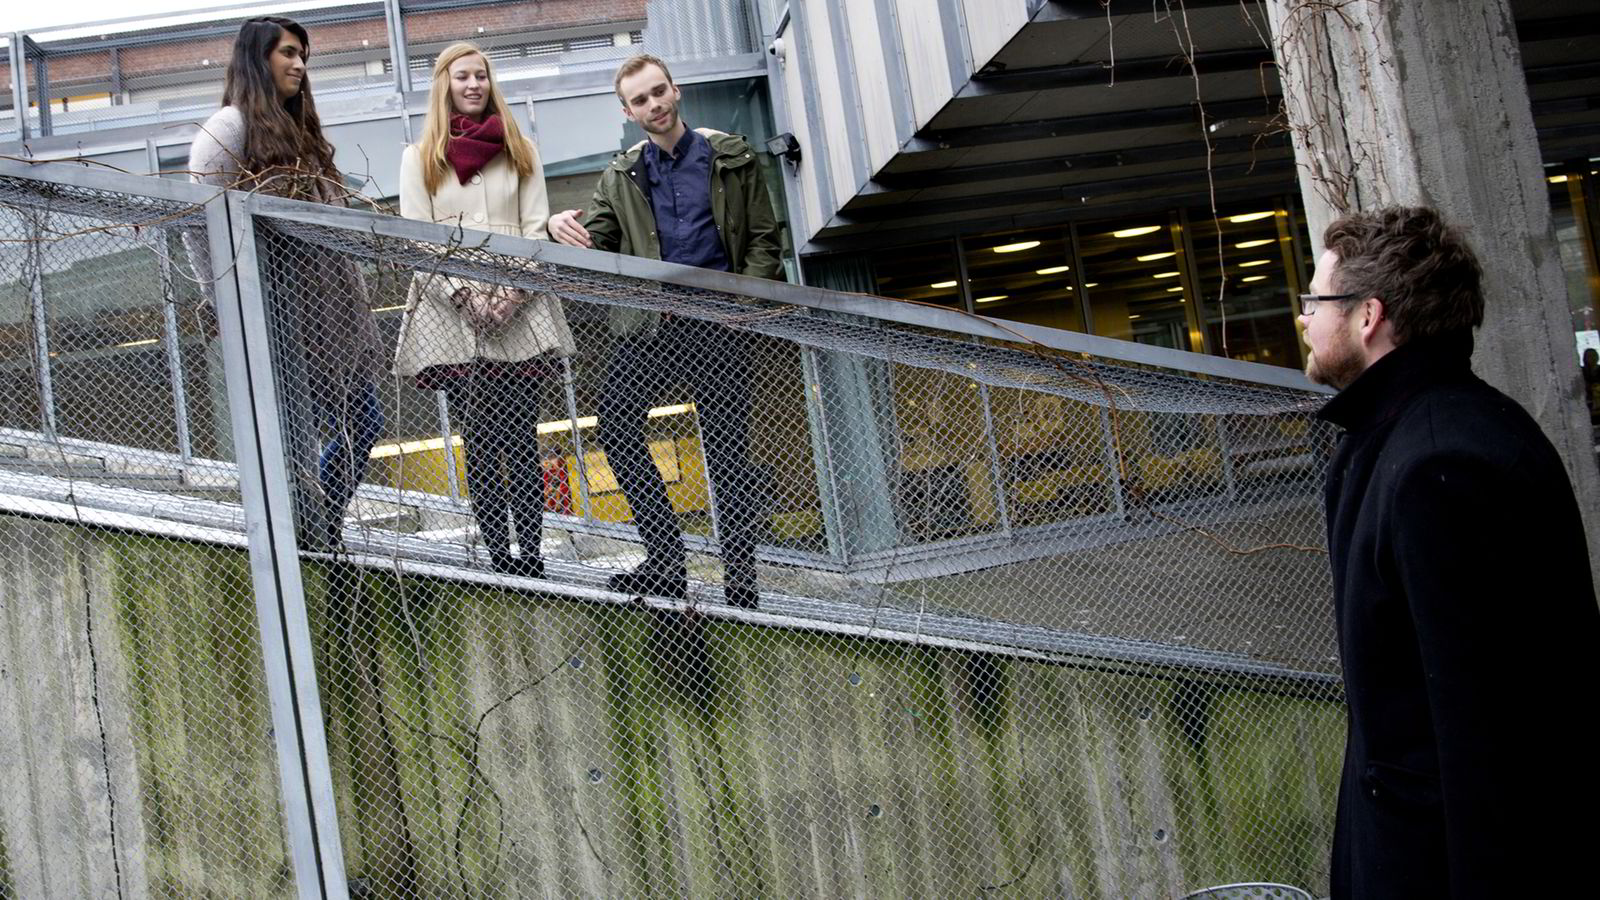 Arkitektstudentene bruker mest tid på studiene og er mest fornøyde. - Alle blir stilt krav til, sier AHO-student Um-Ul-Banin Syed (23), til venstre. Her snakker hun, barnehagelærerstudent Anette Myklemyr Magnussen (23) og tysk- og historiestudent Kjartan Hverven (23) med kunnskapsminister Torbjørn Røe Isaksen (37).